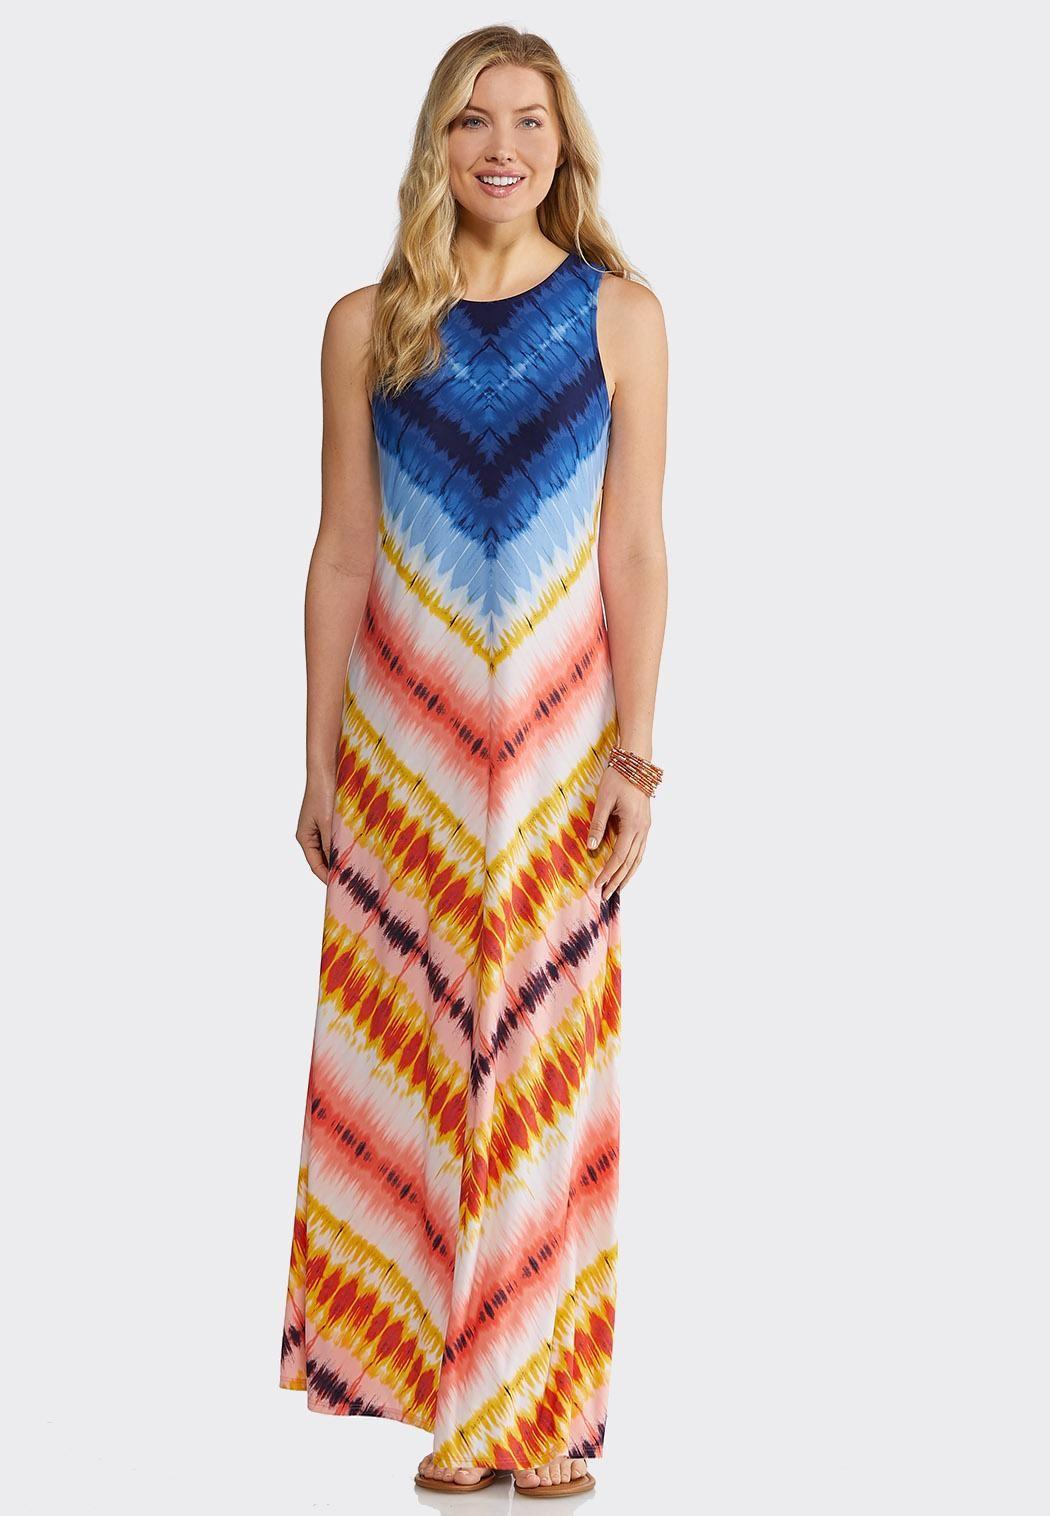 13781544c96 Chevron Tie Dye Maxi Junior Misses Cato Fashions in 2019